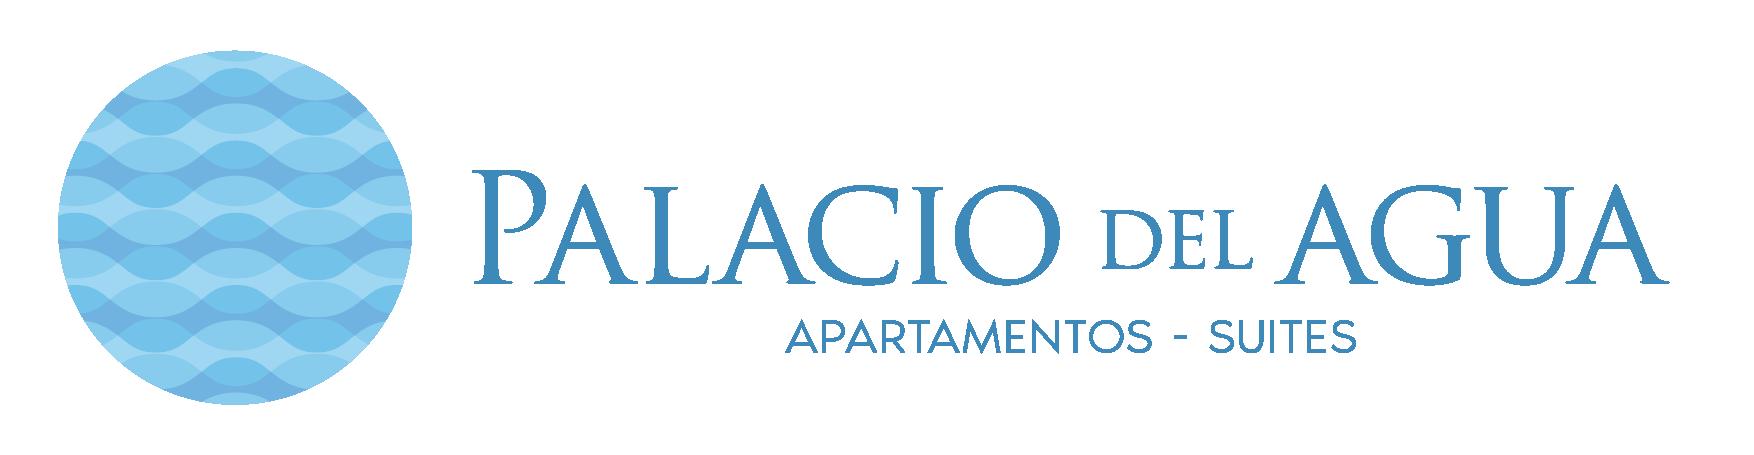 Palacio del Agua - Apartamentos en Ubeda